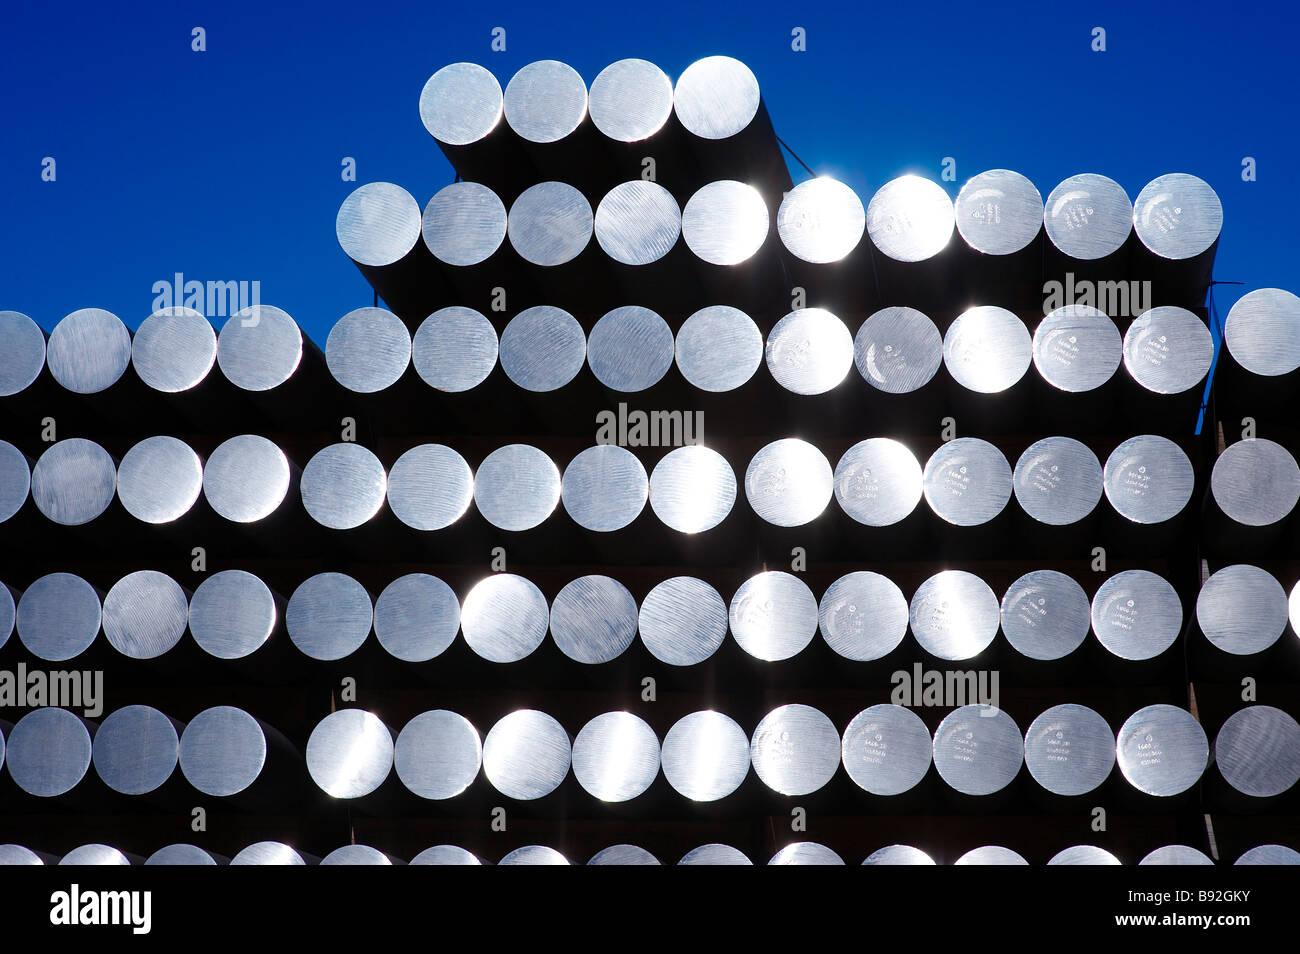 Aste in alluminio Immagini Stock